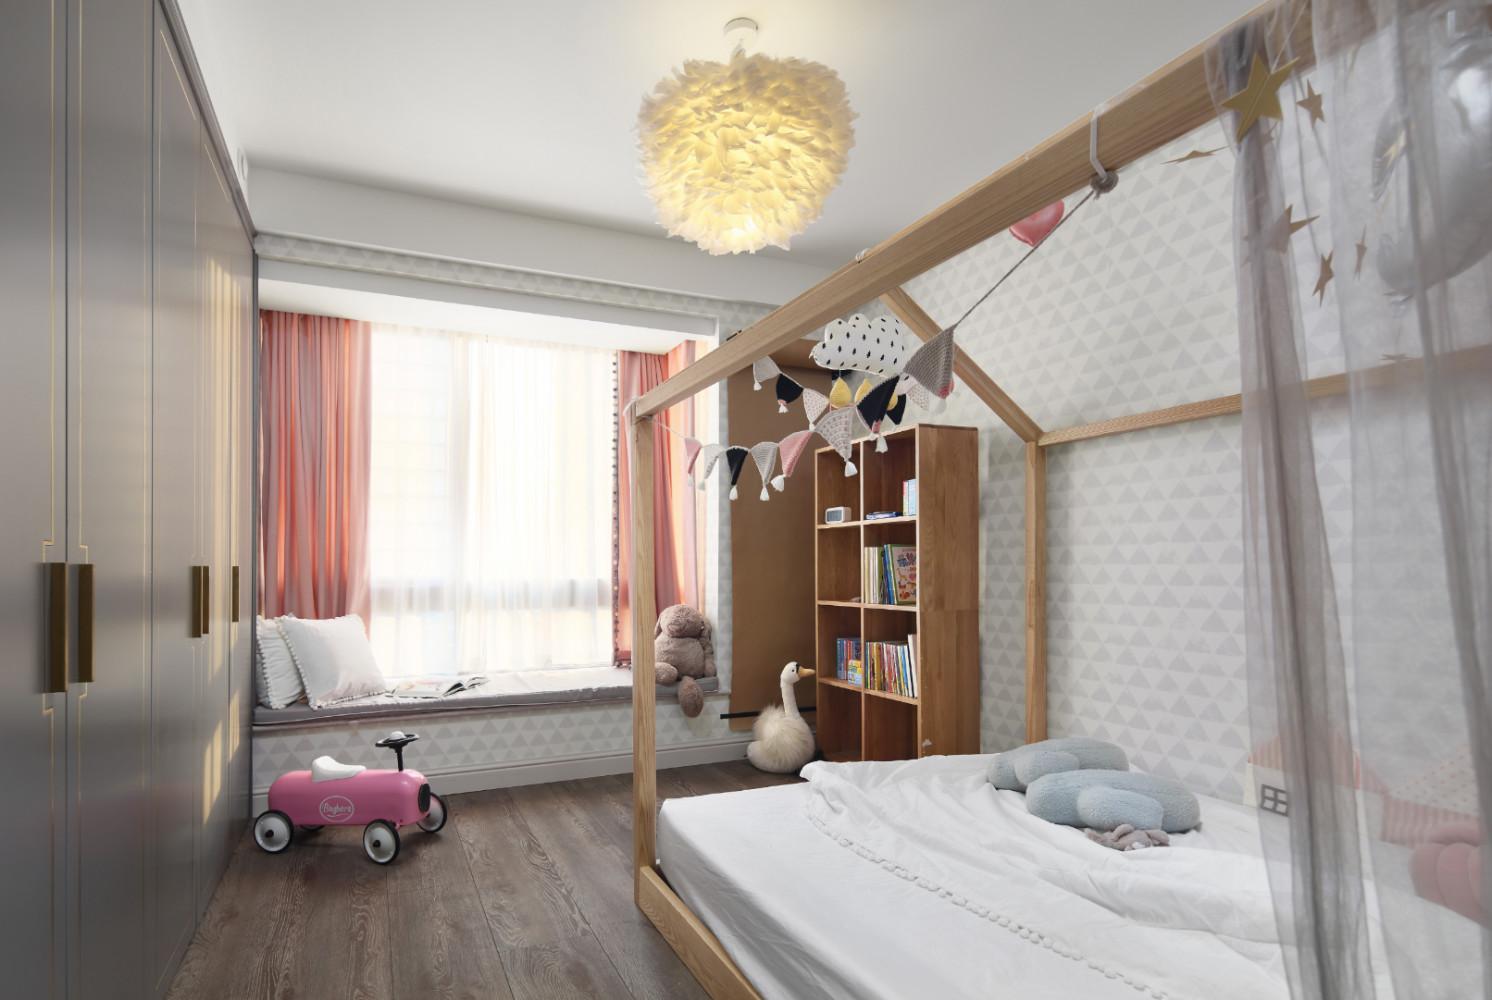 130㎡现代美式装修儿童房效果图